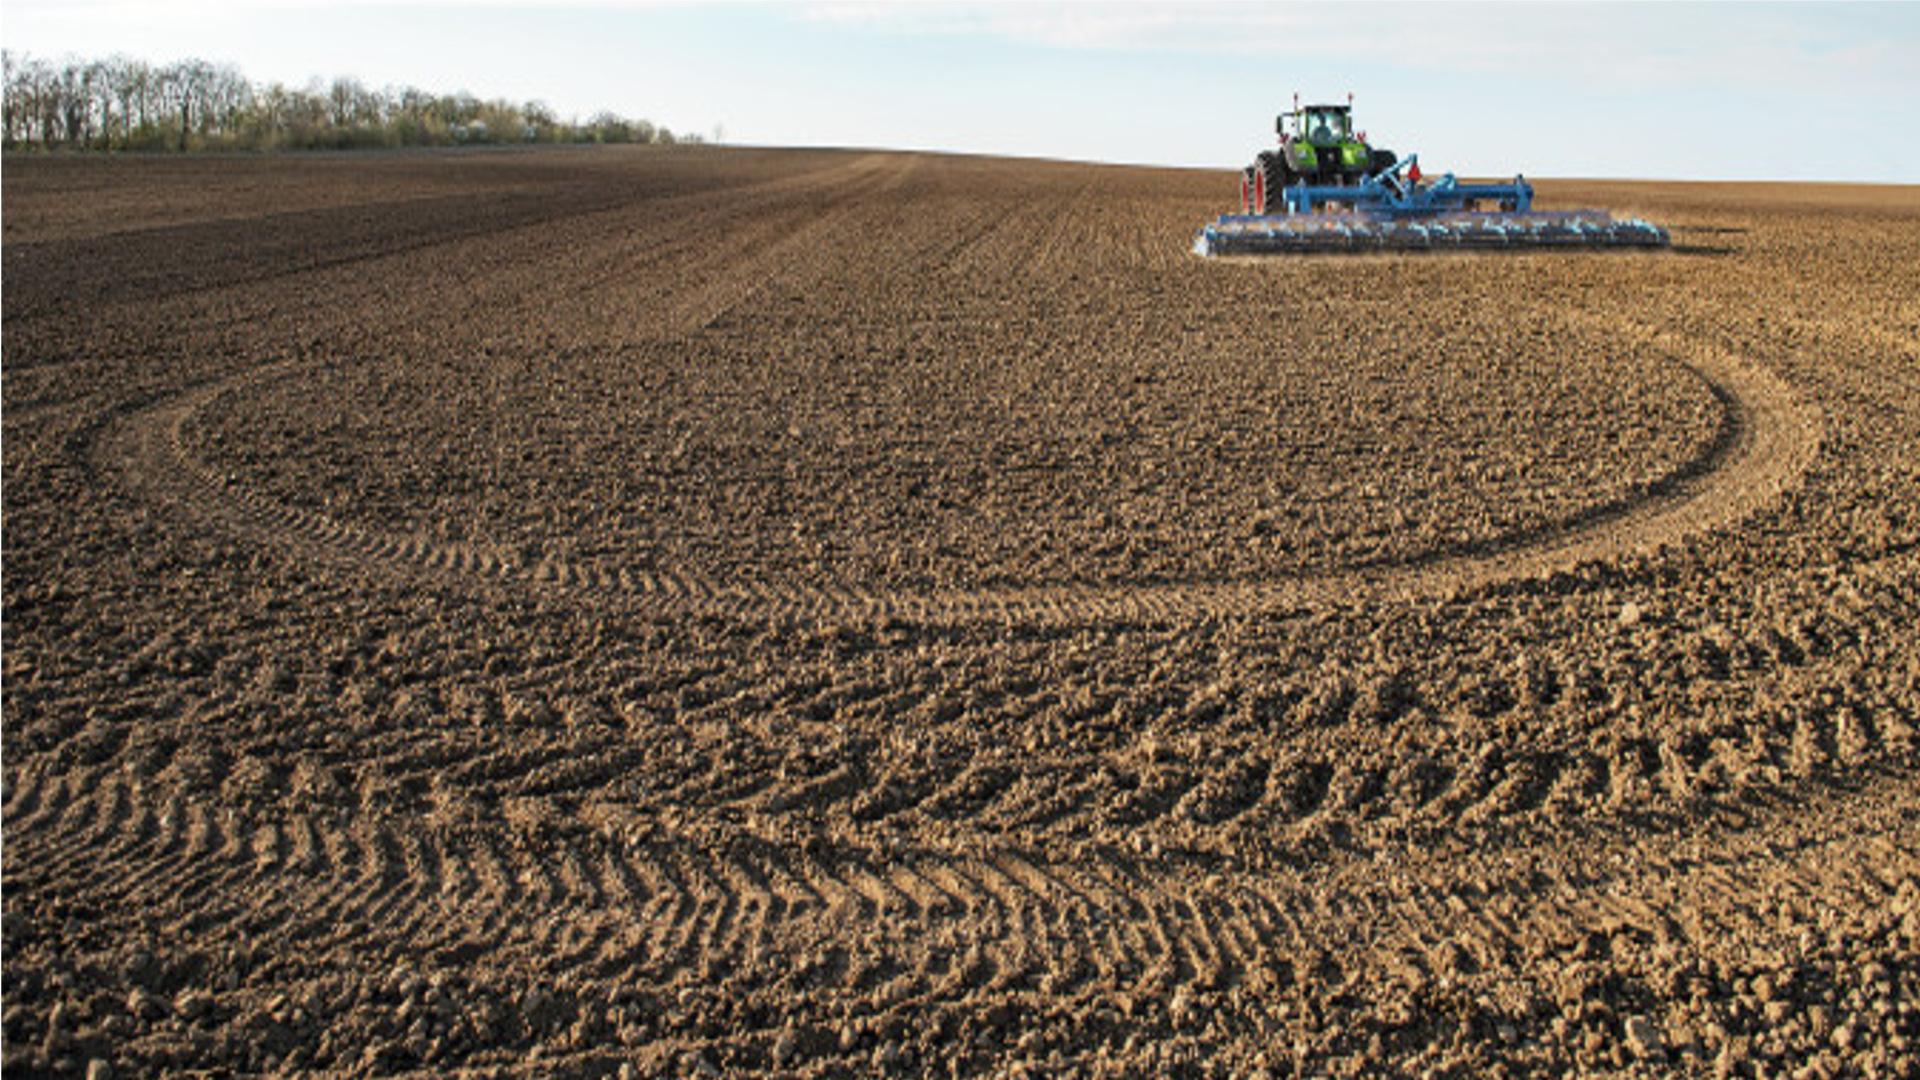 El campo esta lleno de tractores de mas de 35 años.1920